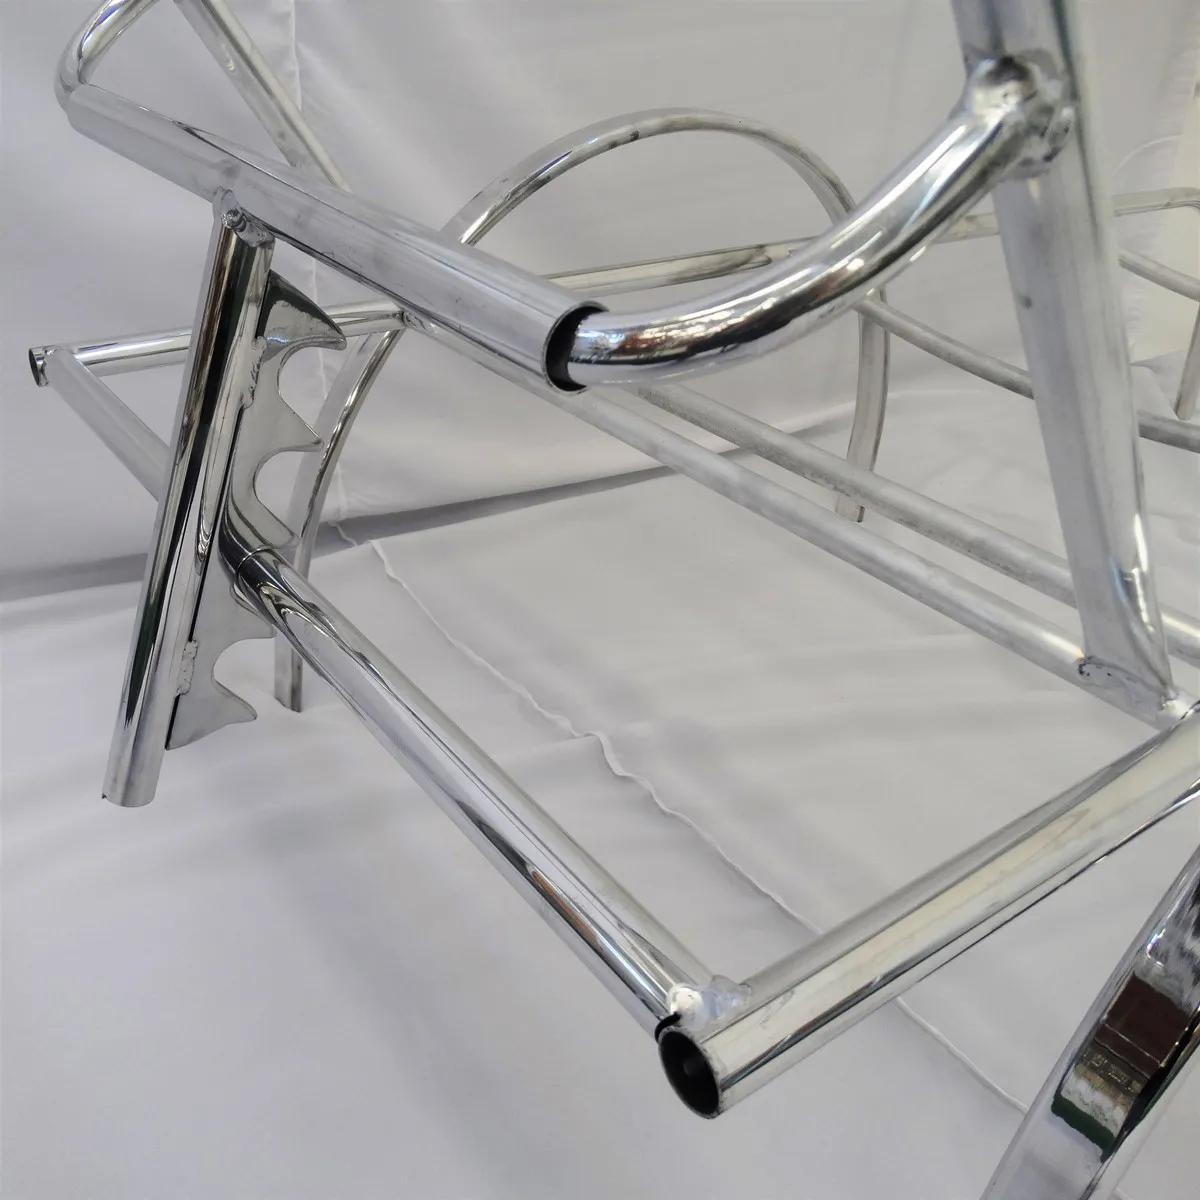 Estrutura em Alumínio | Espreguiçadeira em Fibra Sintética ER181